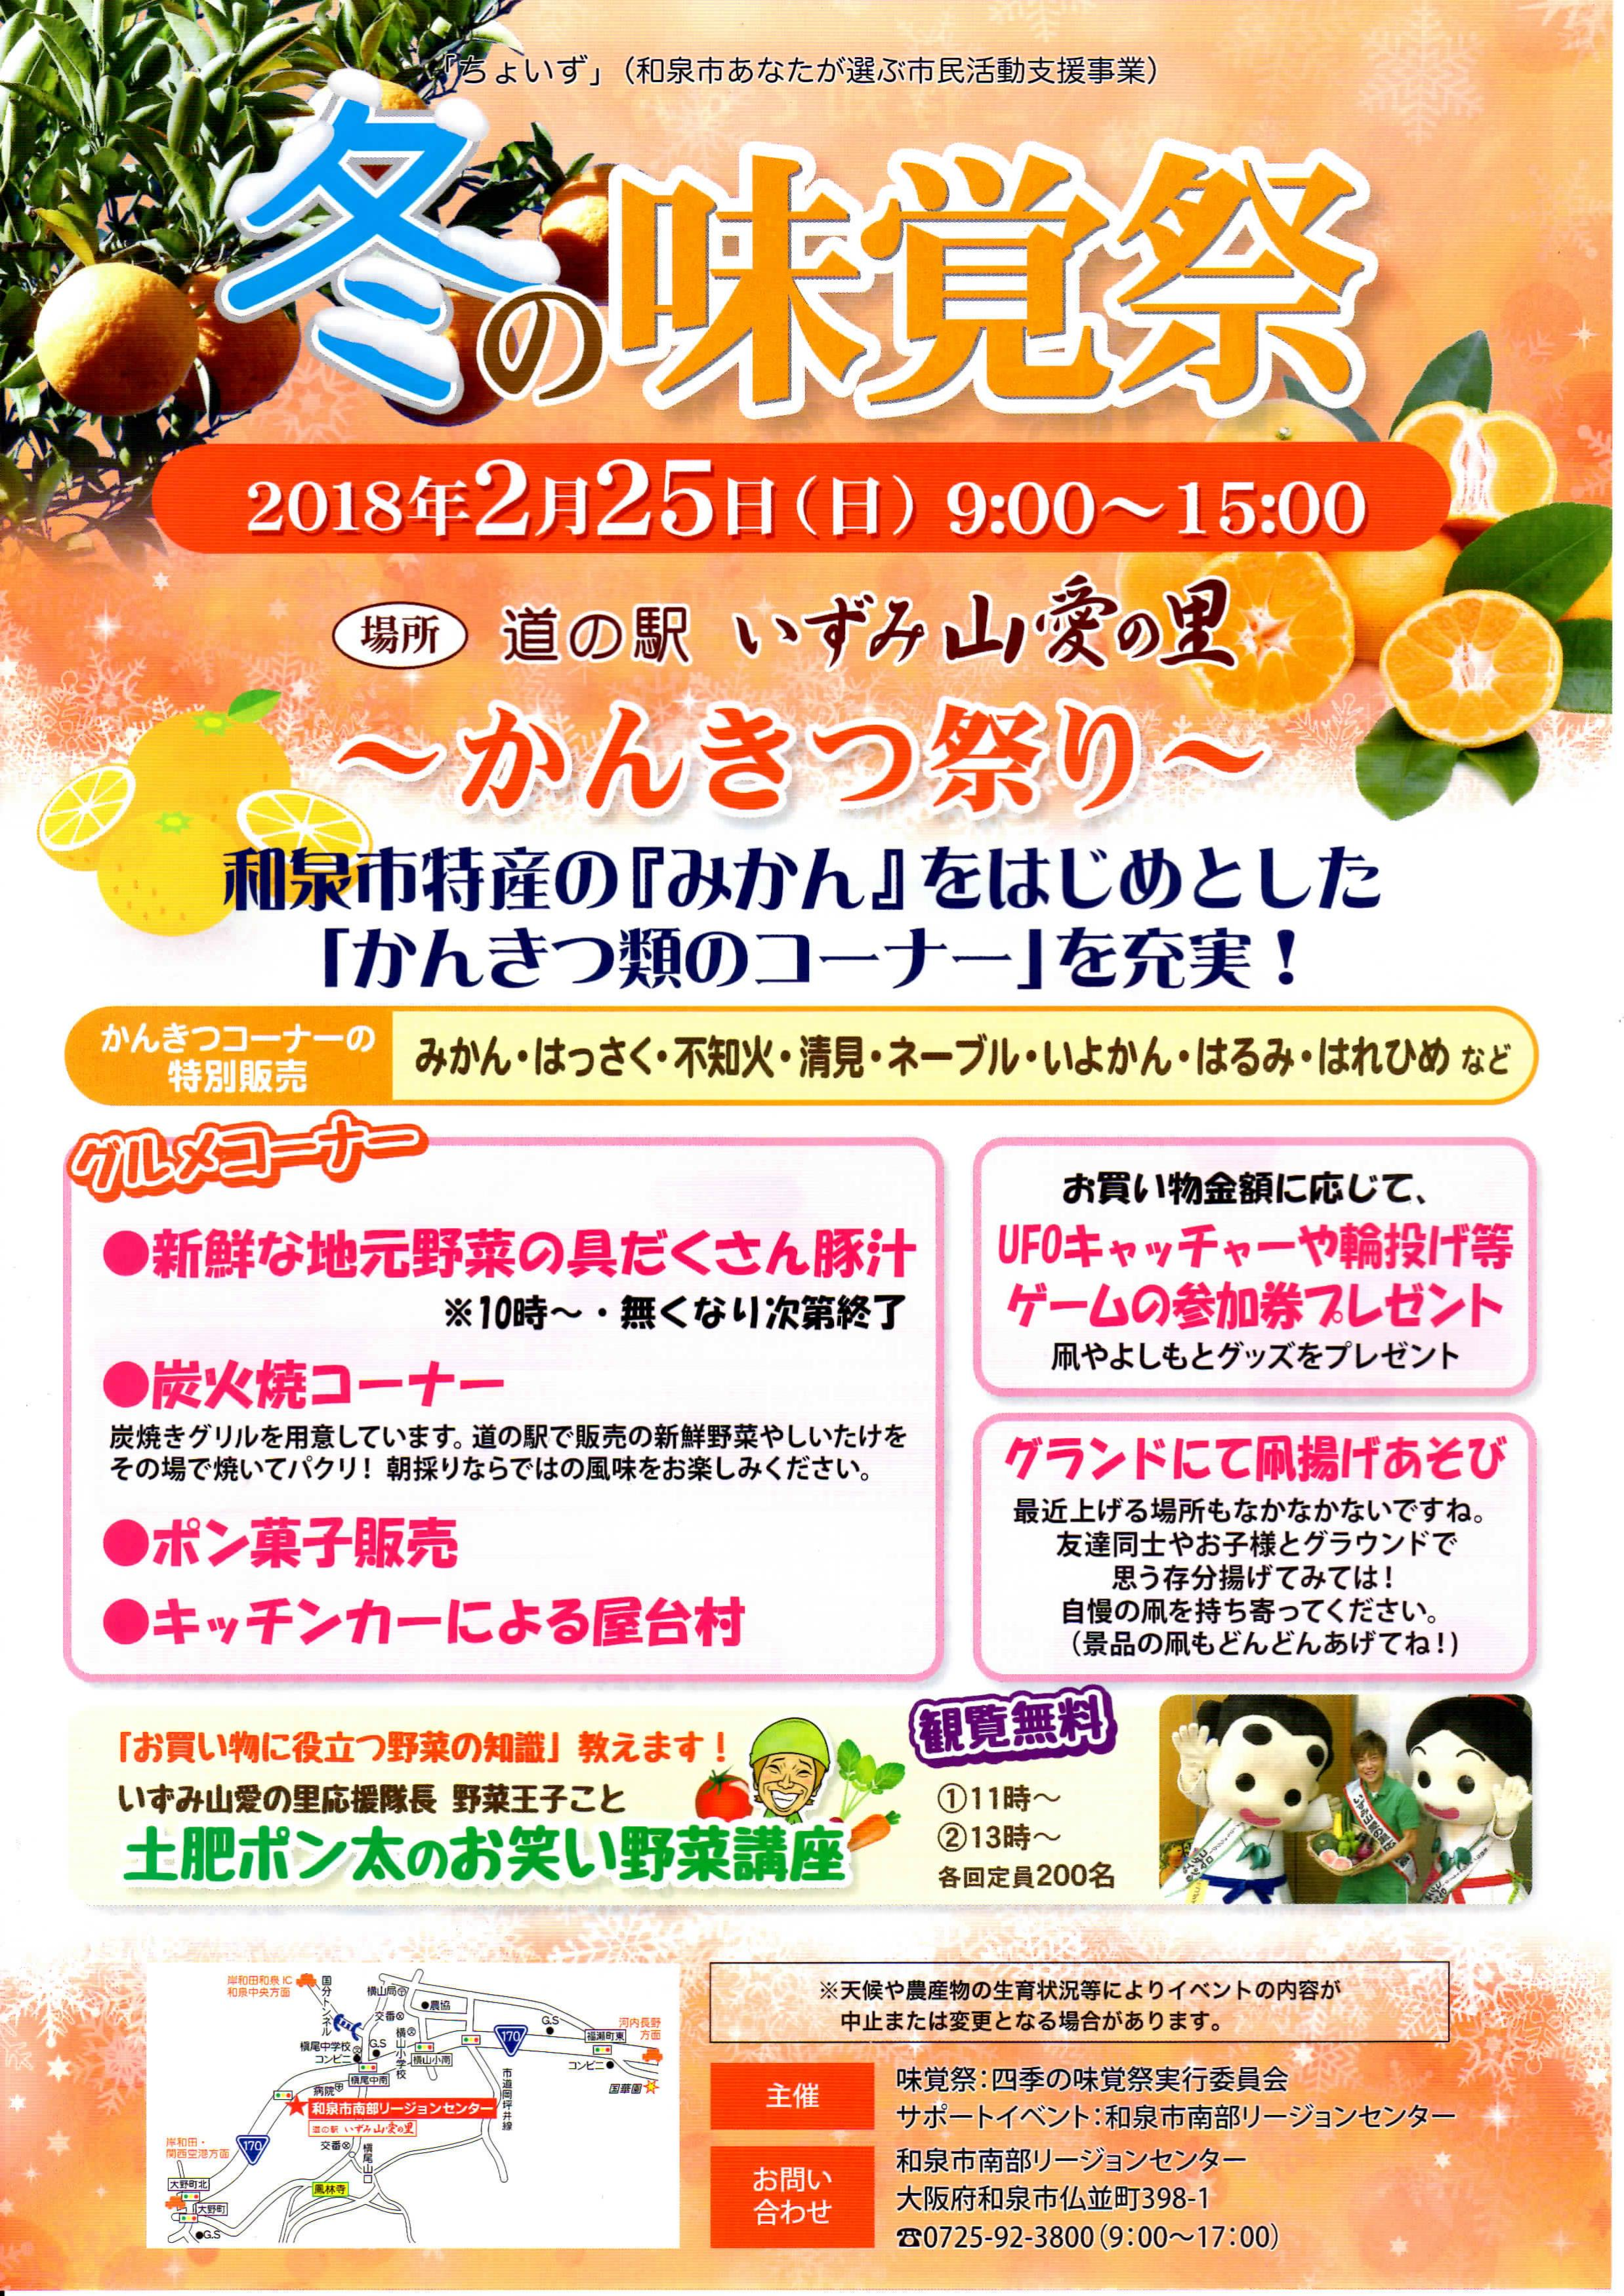 道の駅いずみ山愛の里『冬の味覚祭』2018年2月25日(日) 9:00~15:00開催!!